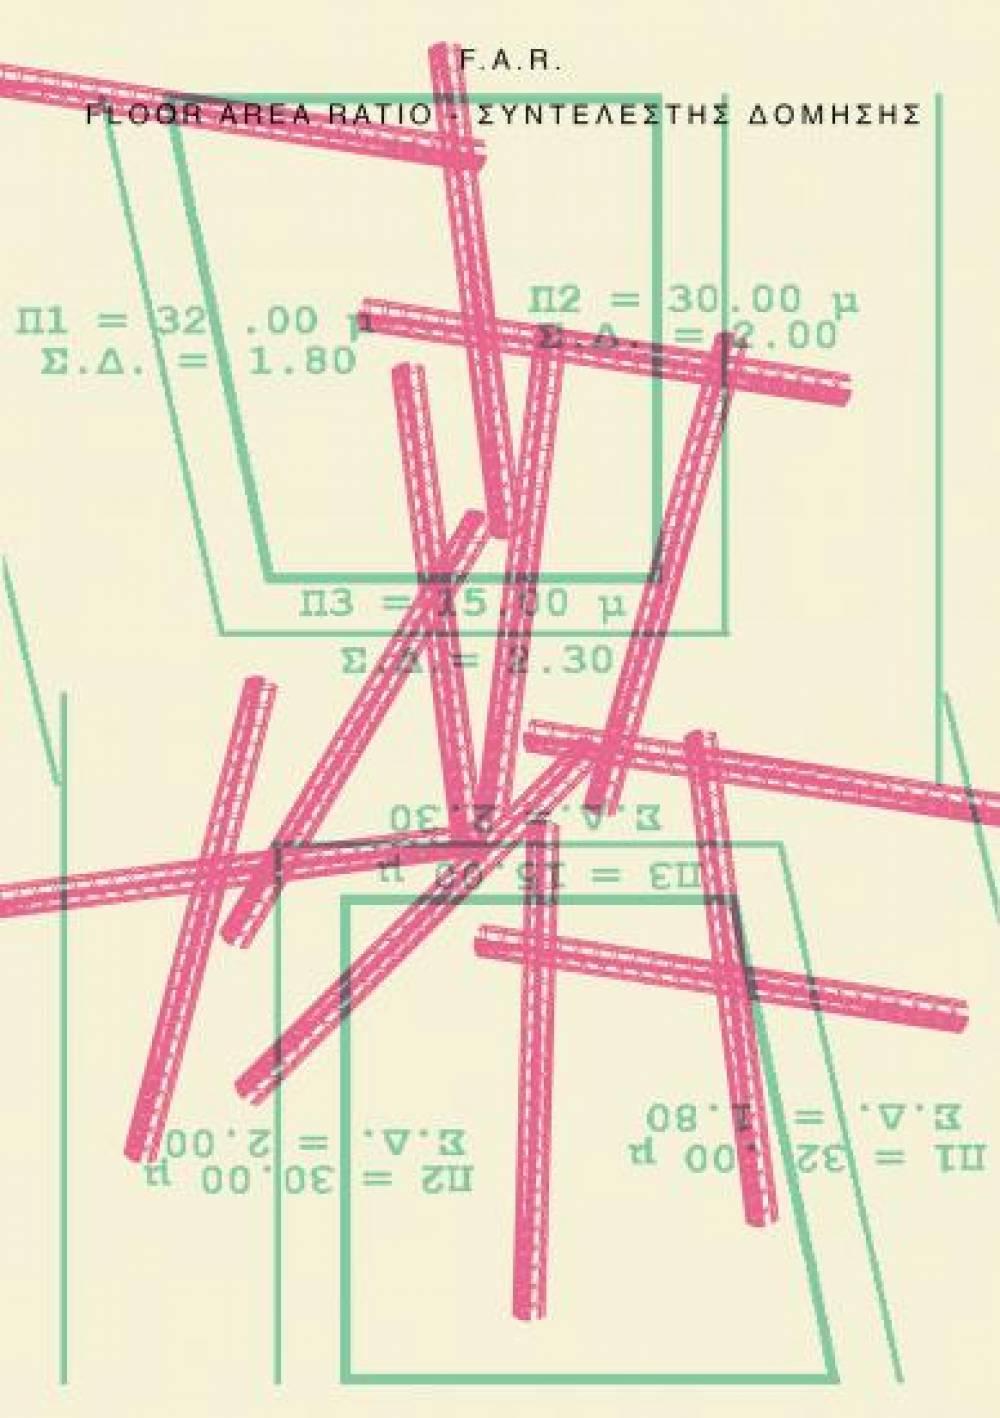 F.A.R. (Floor Area Ratio)